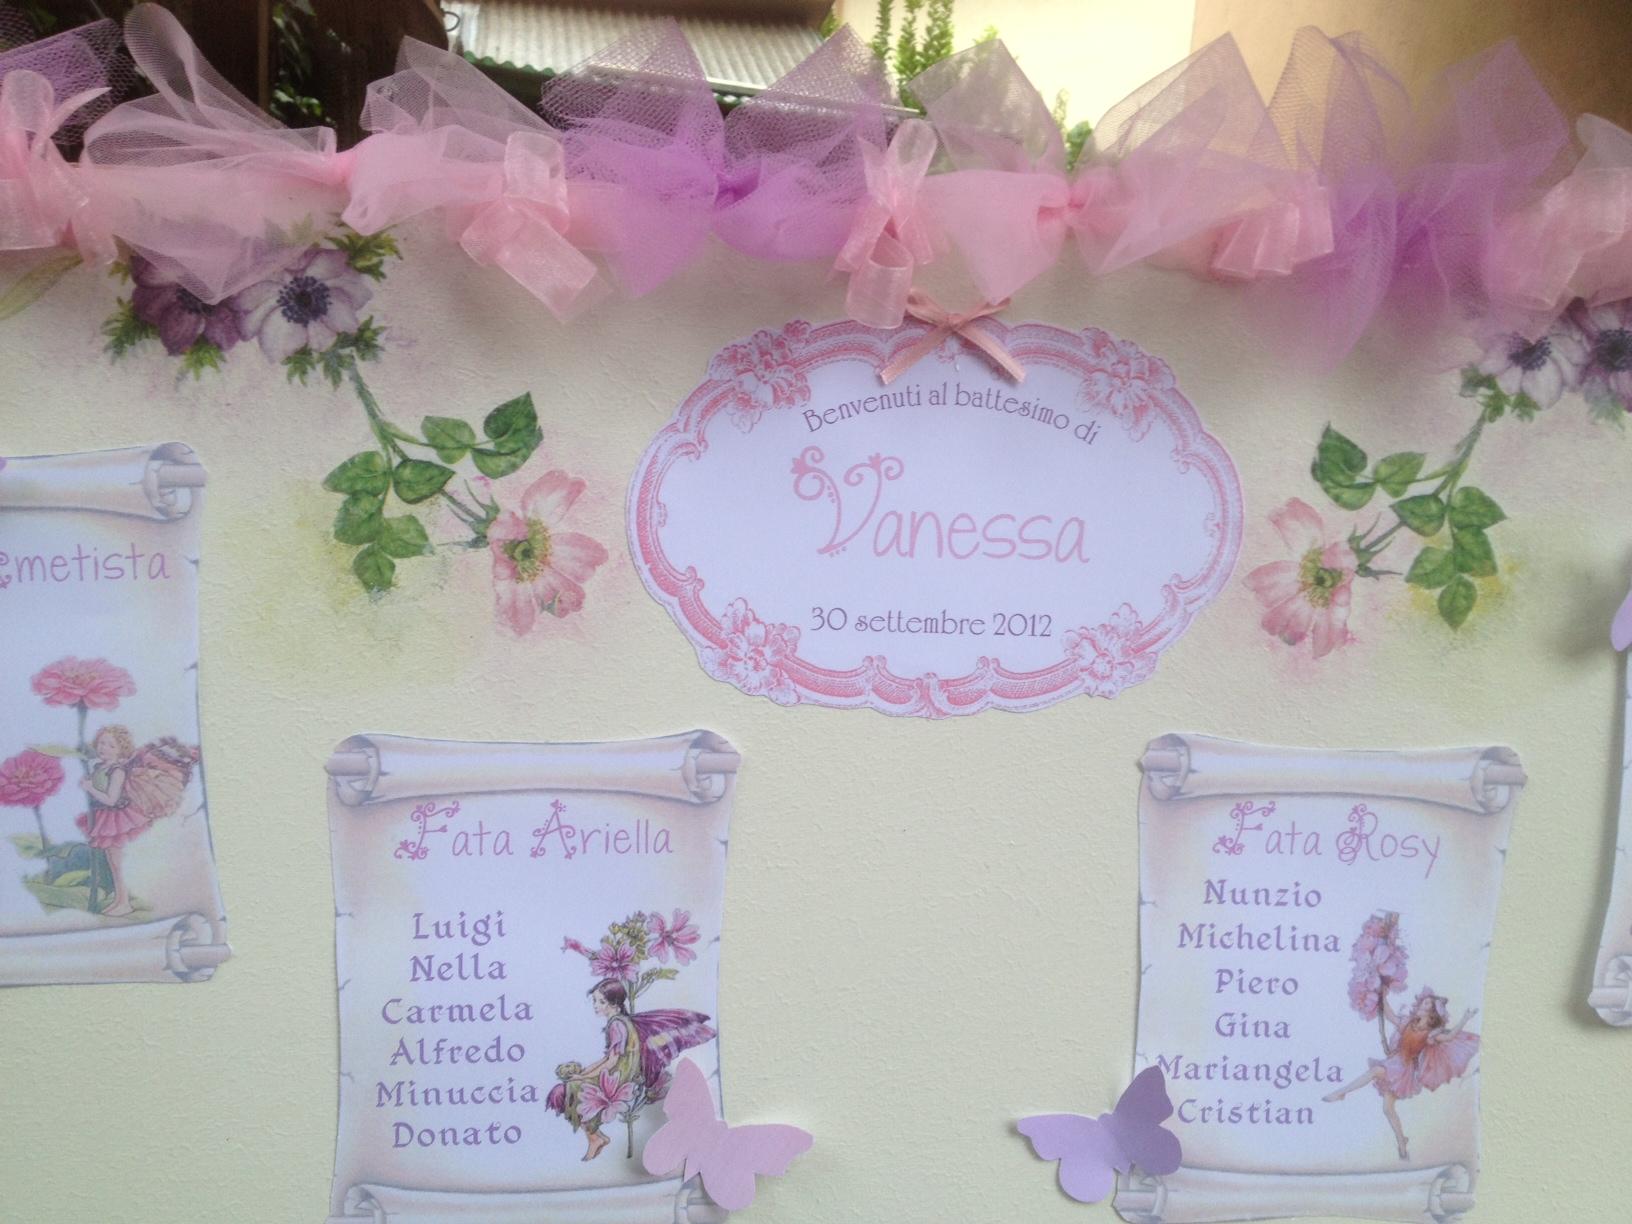 Top tableaux fiori-farfalle-fatine-comunione-battesimo-matrimonio  IQ58